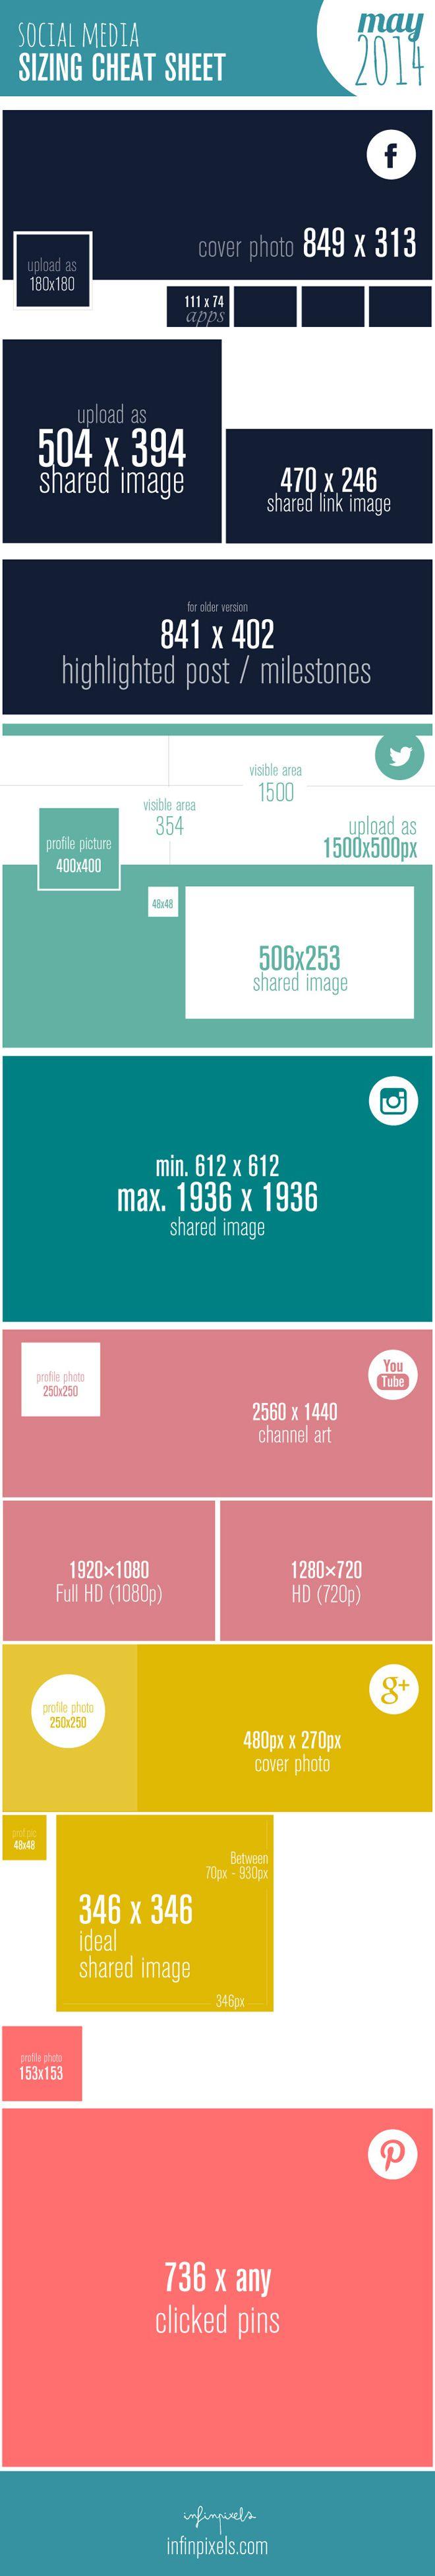 Tabela com as dimensoes de imagens das principais redes sociais – atualizada